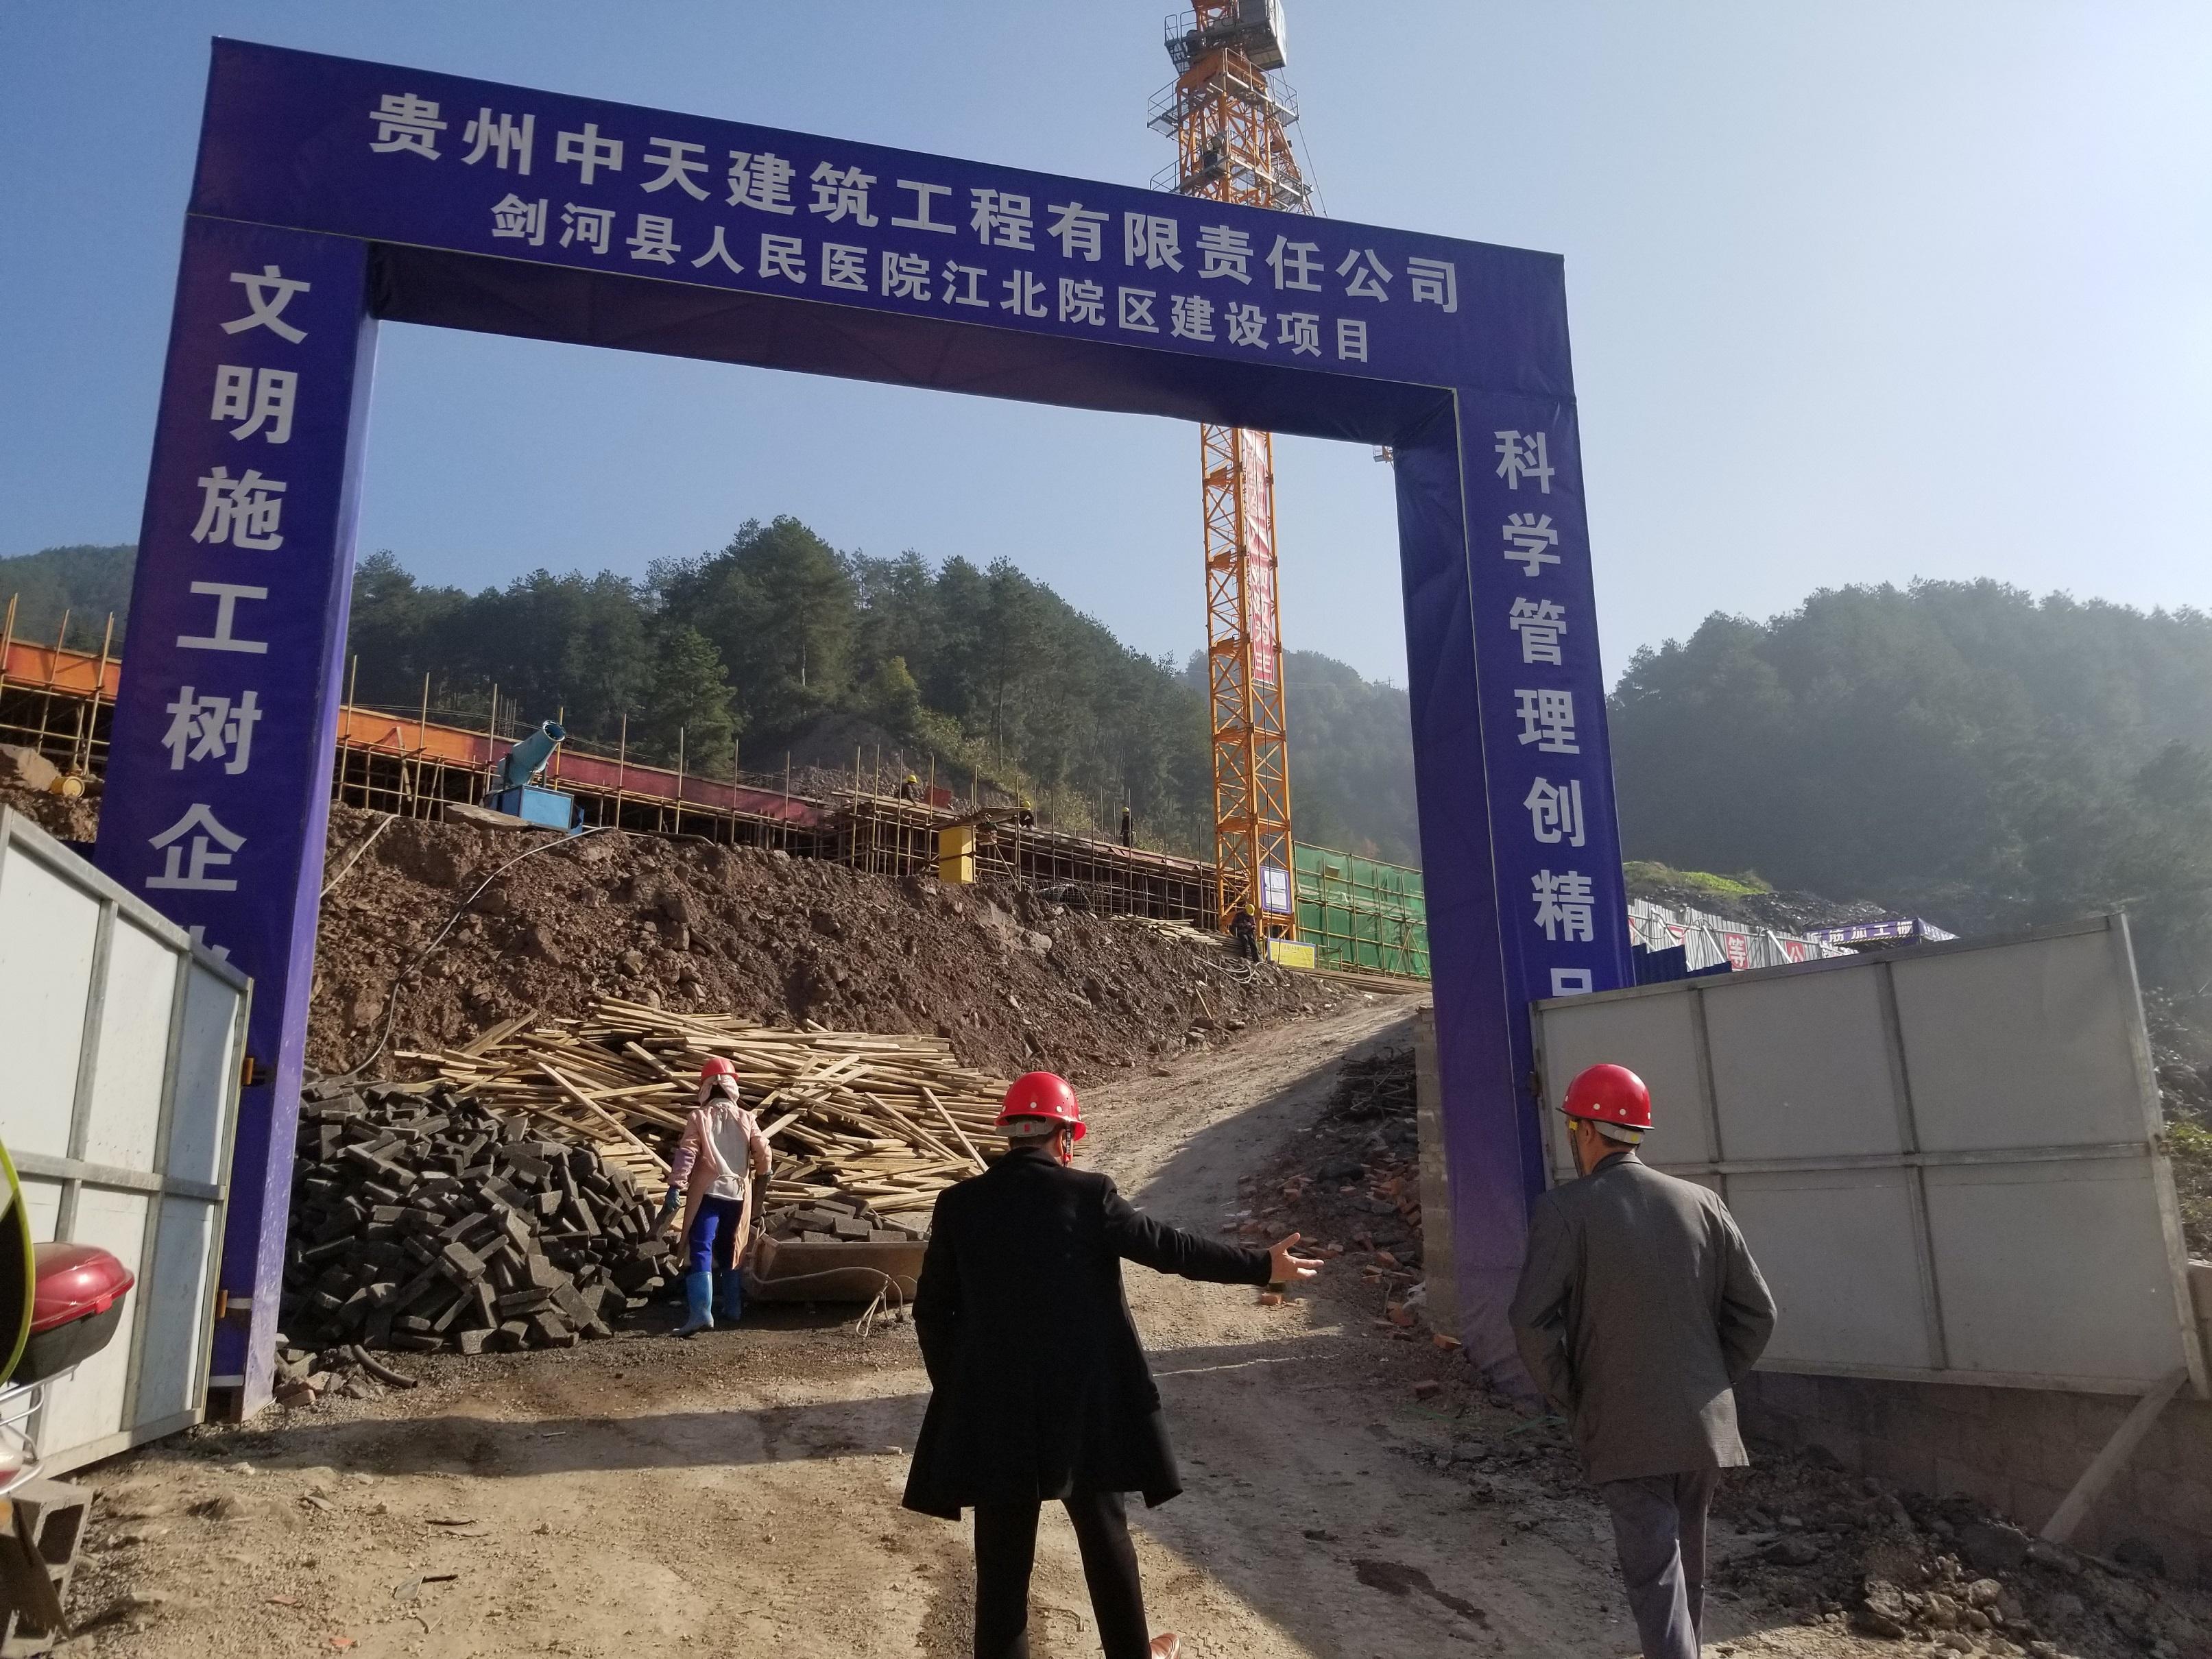 劍河縣傳染病區建設項目勘察設計施工總承包(EPC)